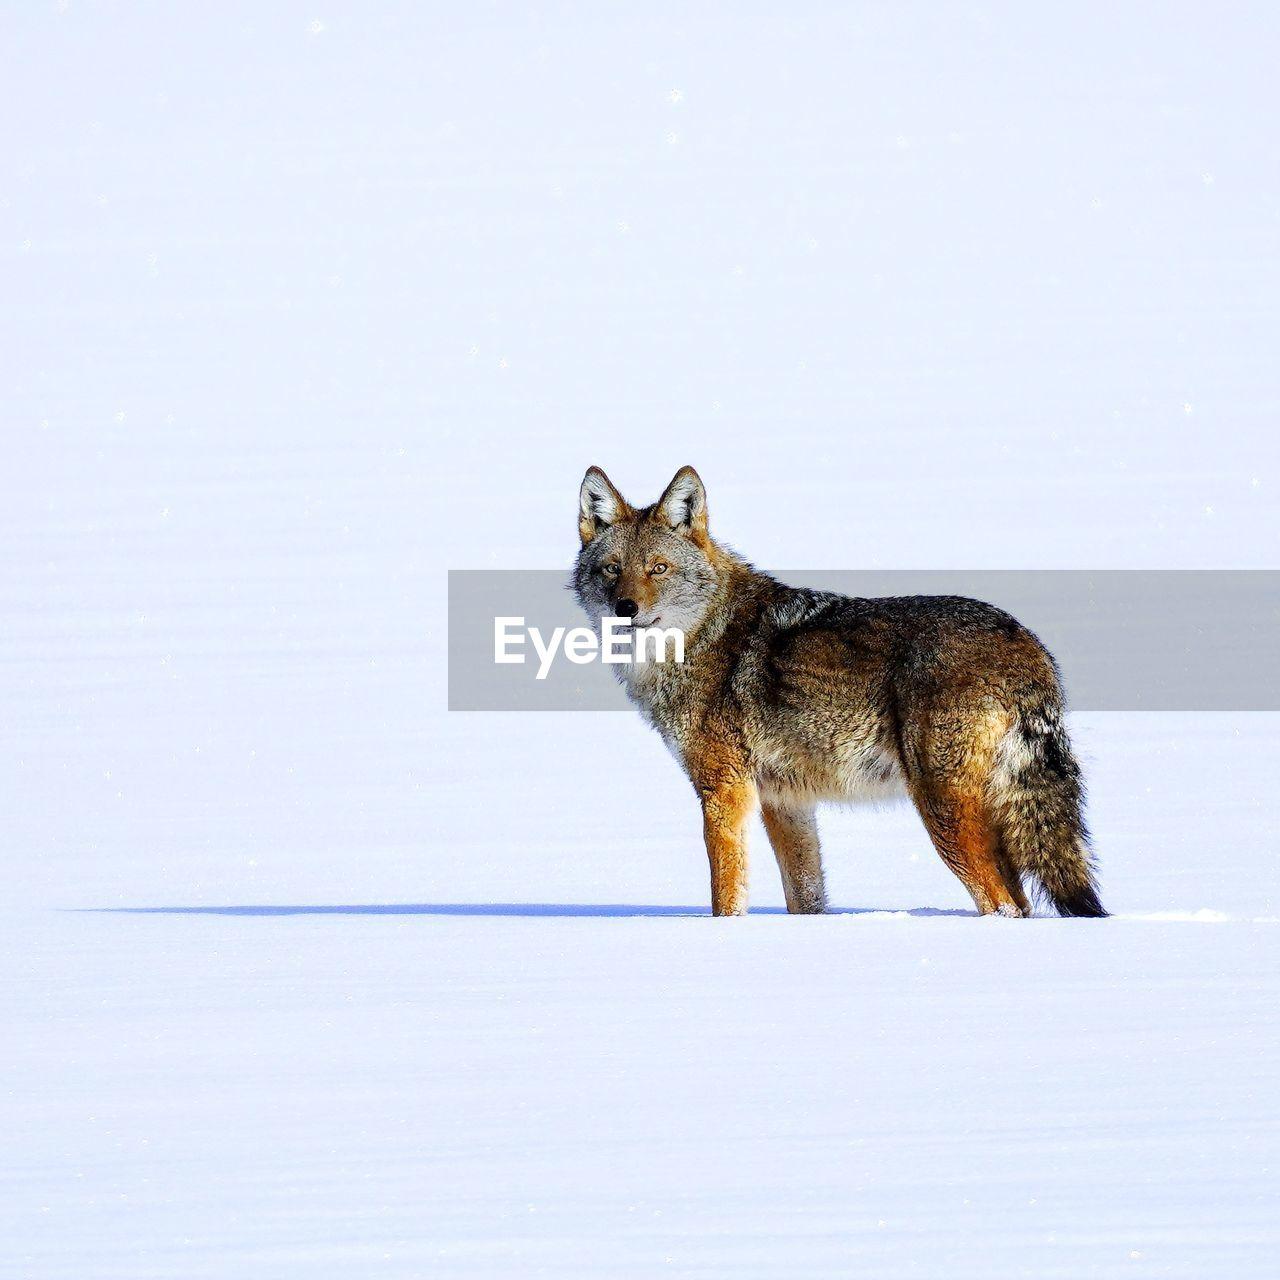 Coyote walking across a frozen lake